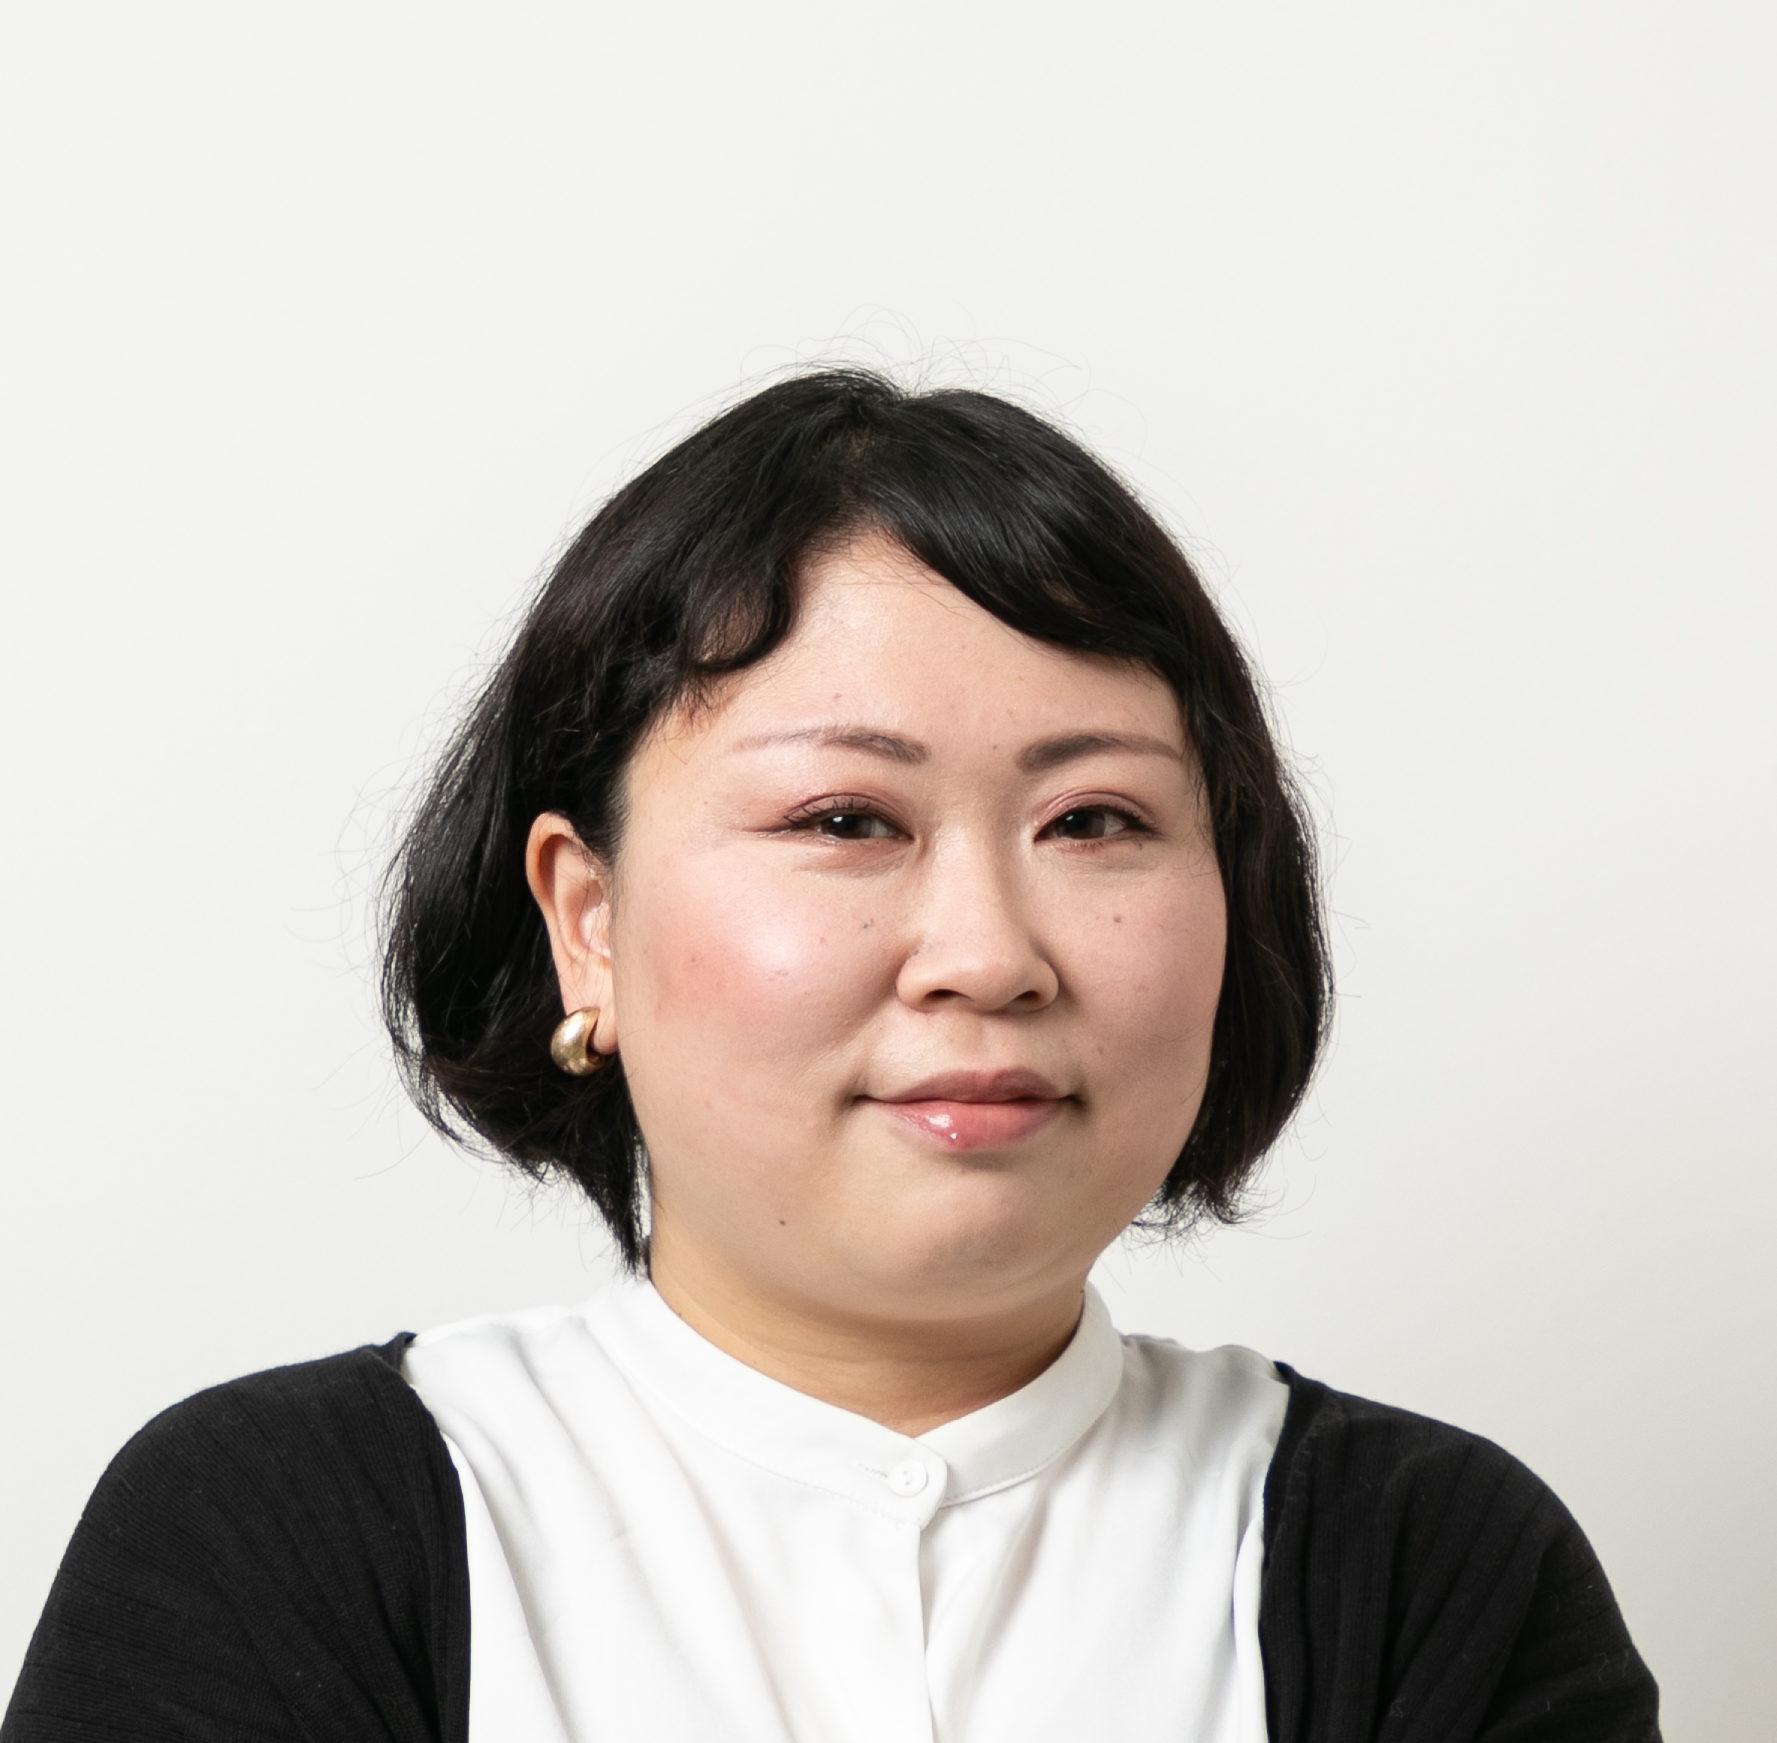 Naoko.I